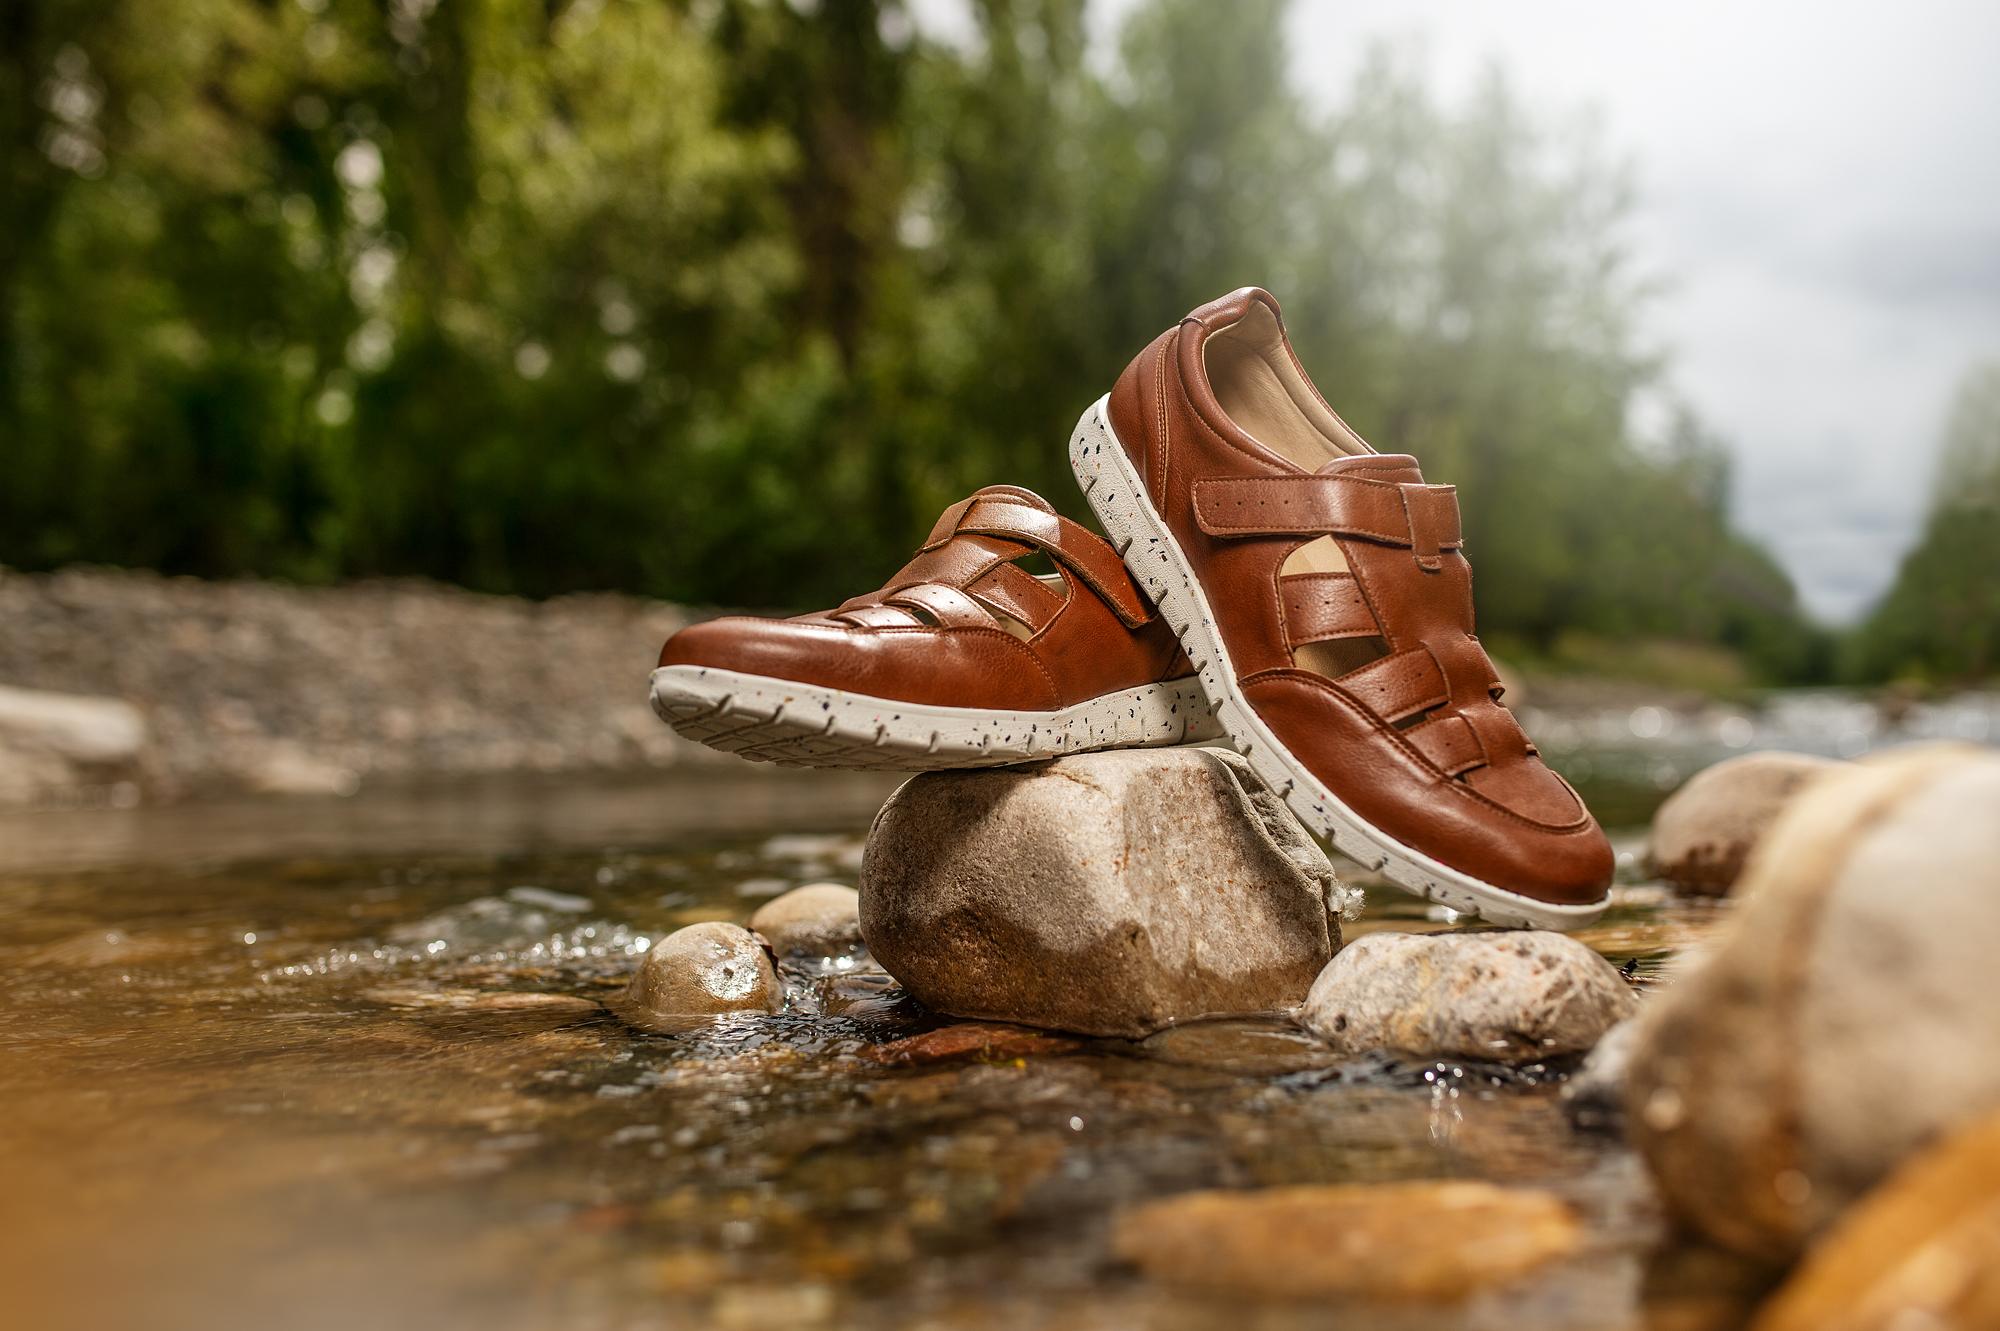 Ecoalkesan, empresa de calzado colaboradora de AnimaNaturalis, está de celebración: ¡y vosotros también!